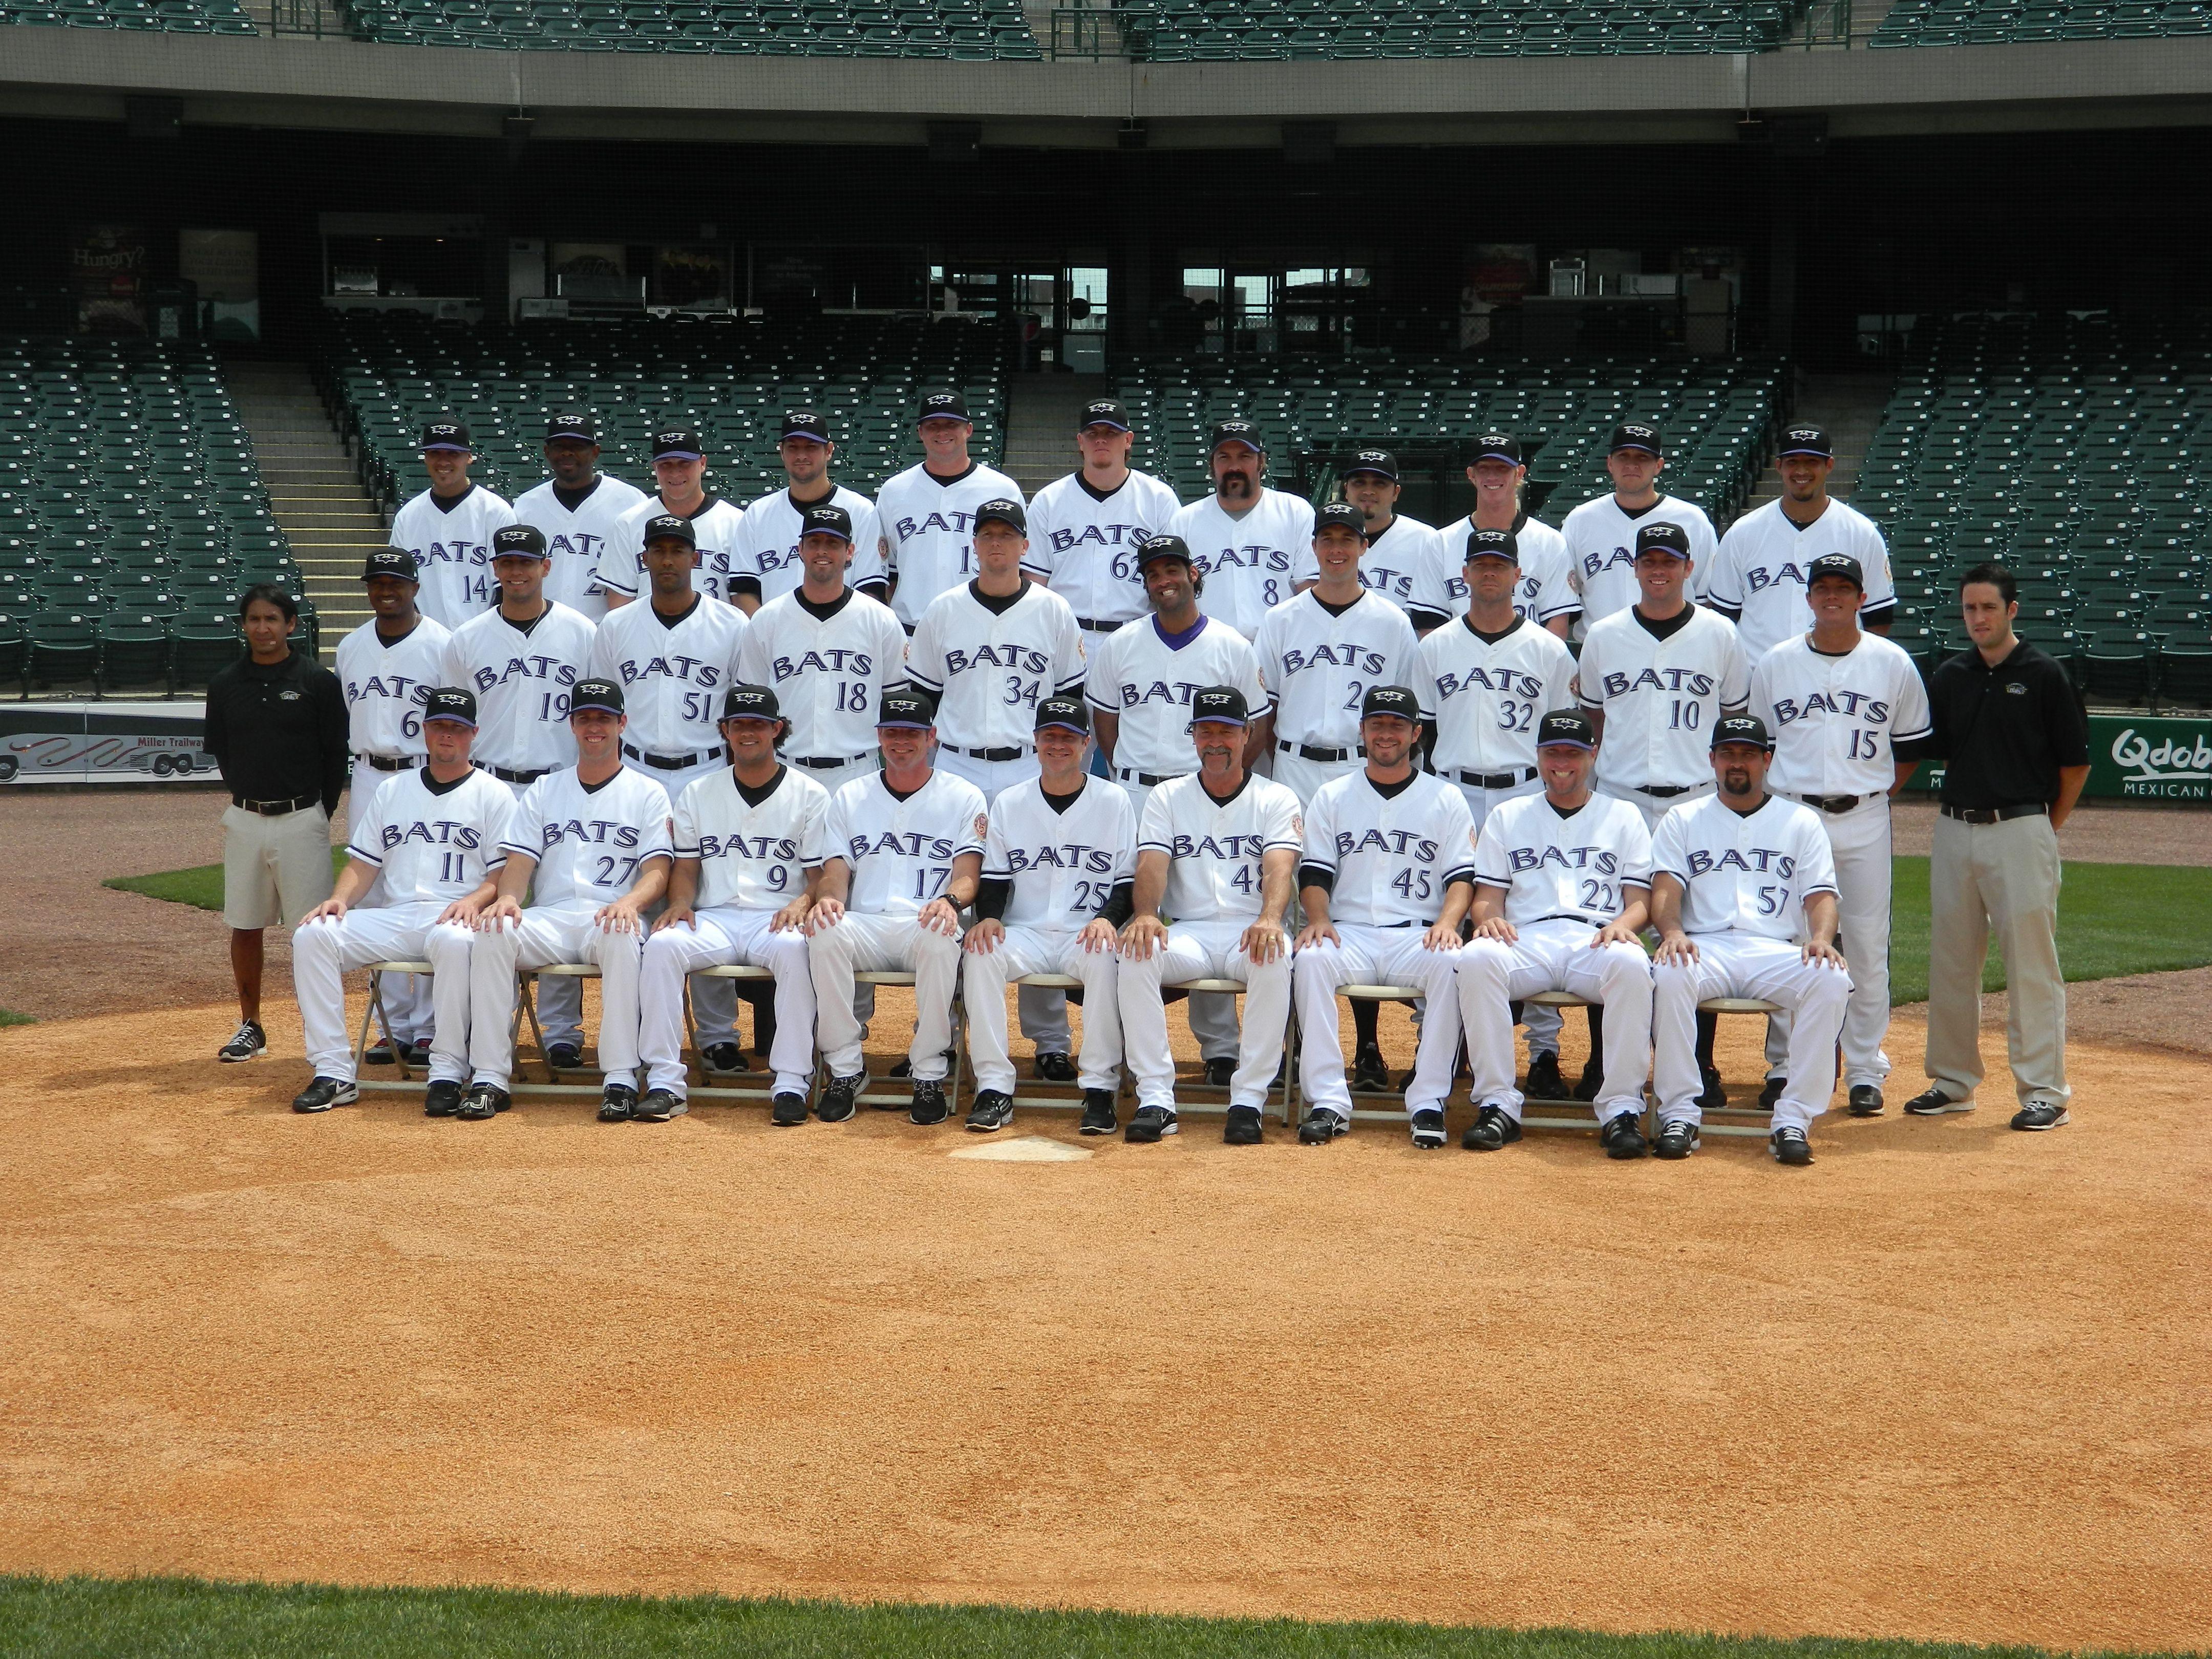 Louisville Bats Photos